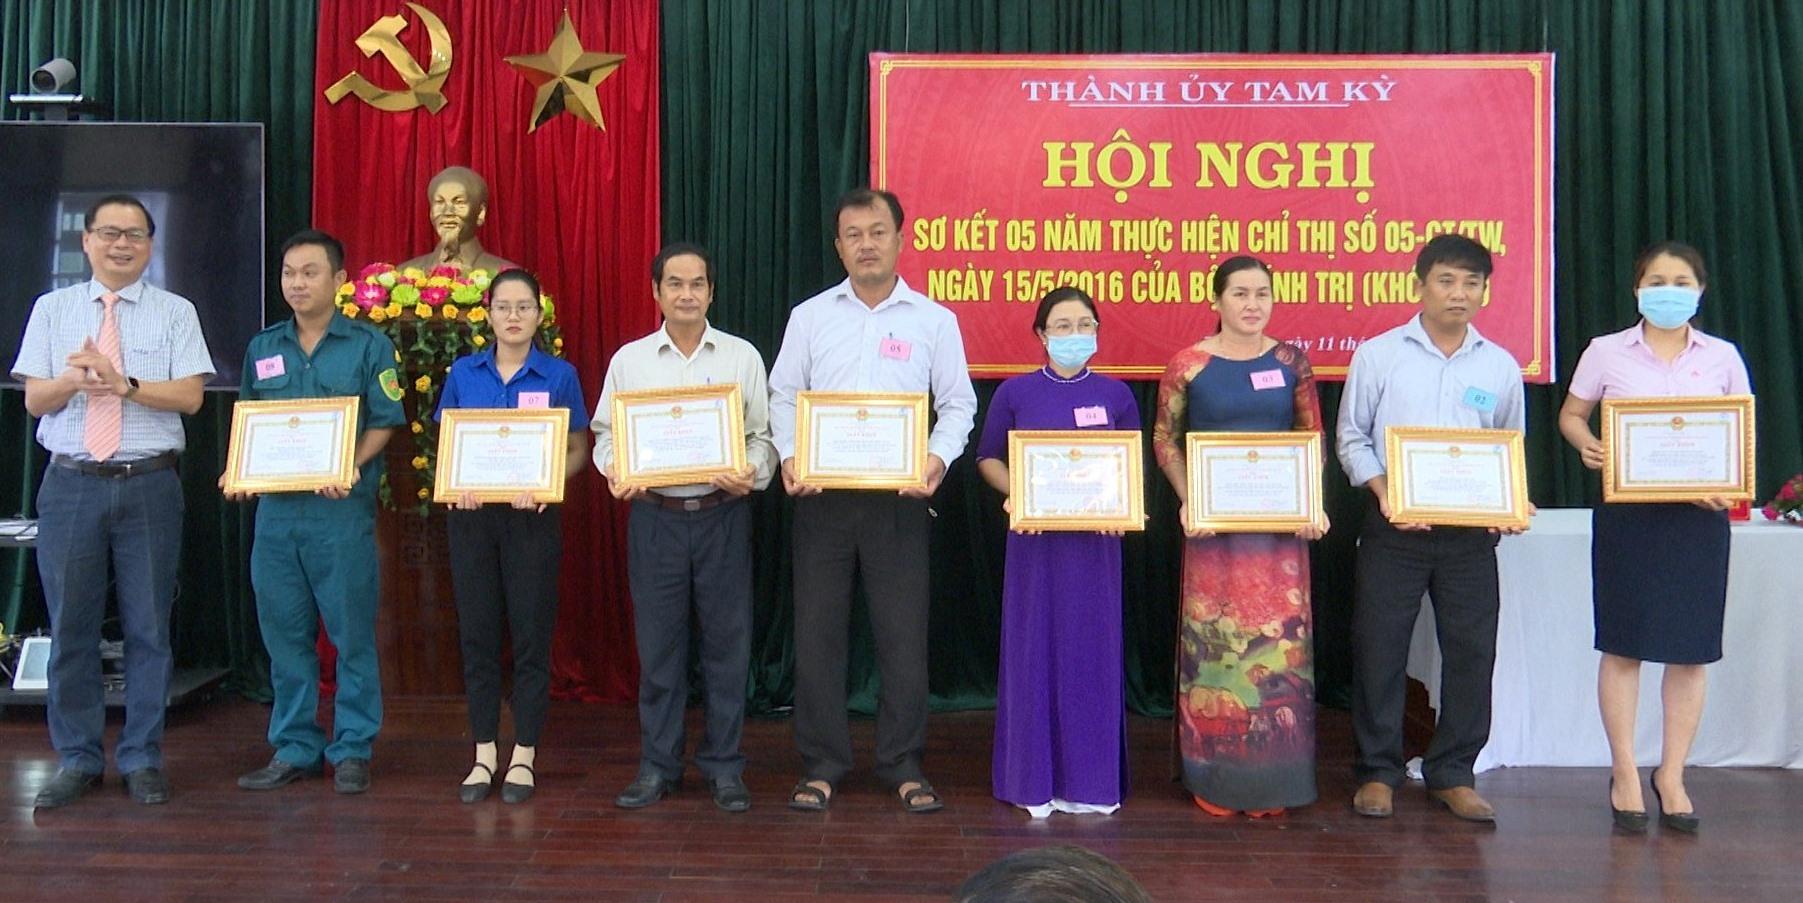 Thành ủy Tam Kỳ tổ chức khen thưởng các tập thể, cá nhân thực hiện tốt Chỉ thị 05 của Bộ Chính trị. Ảnh: A.NHI